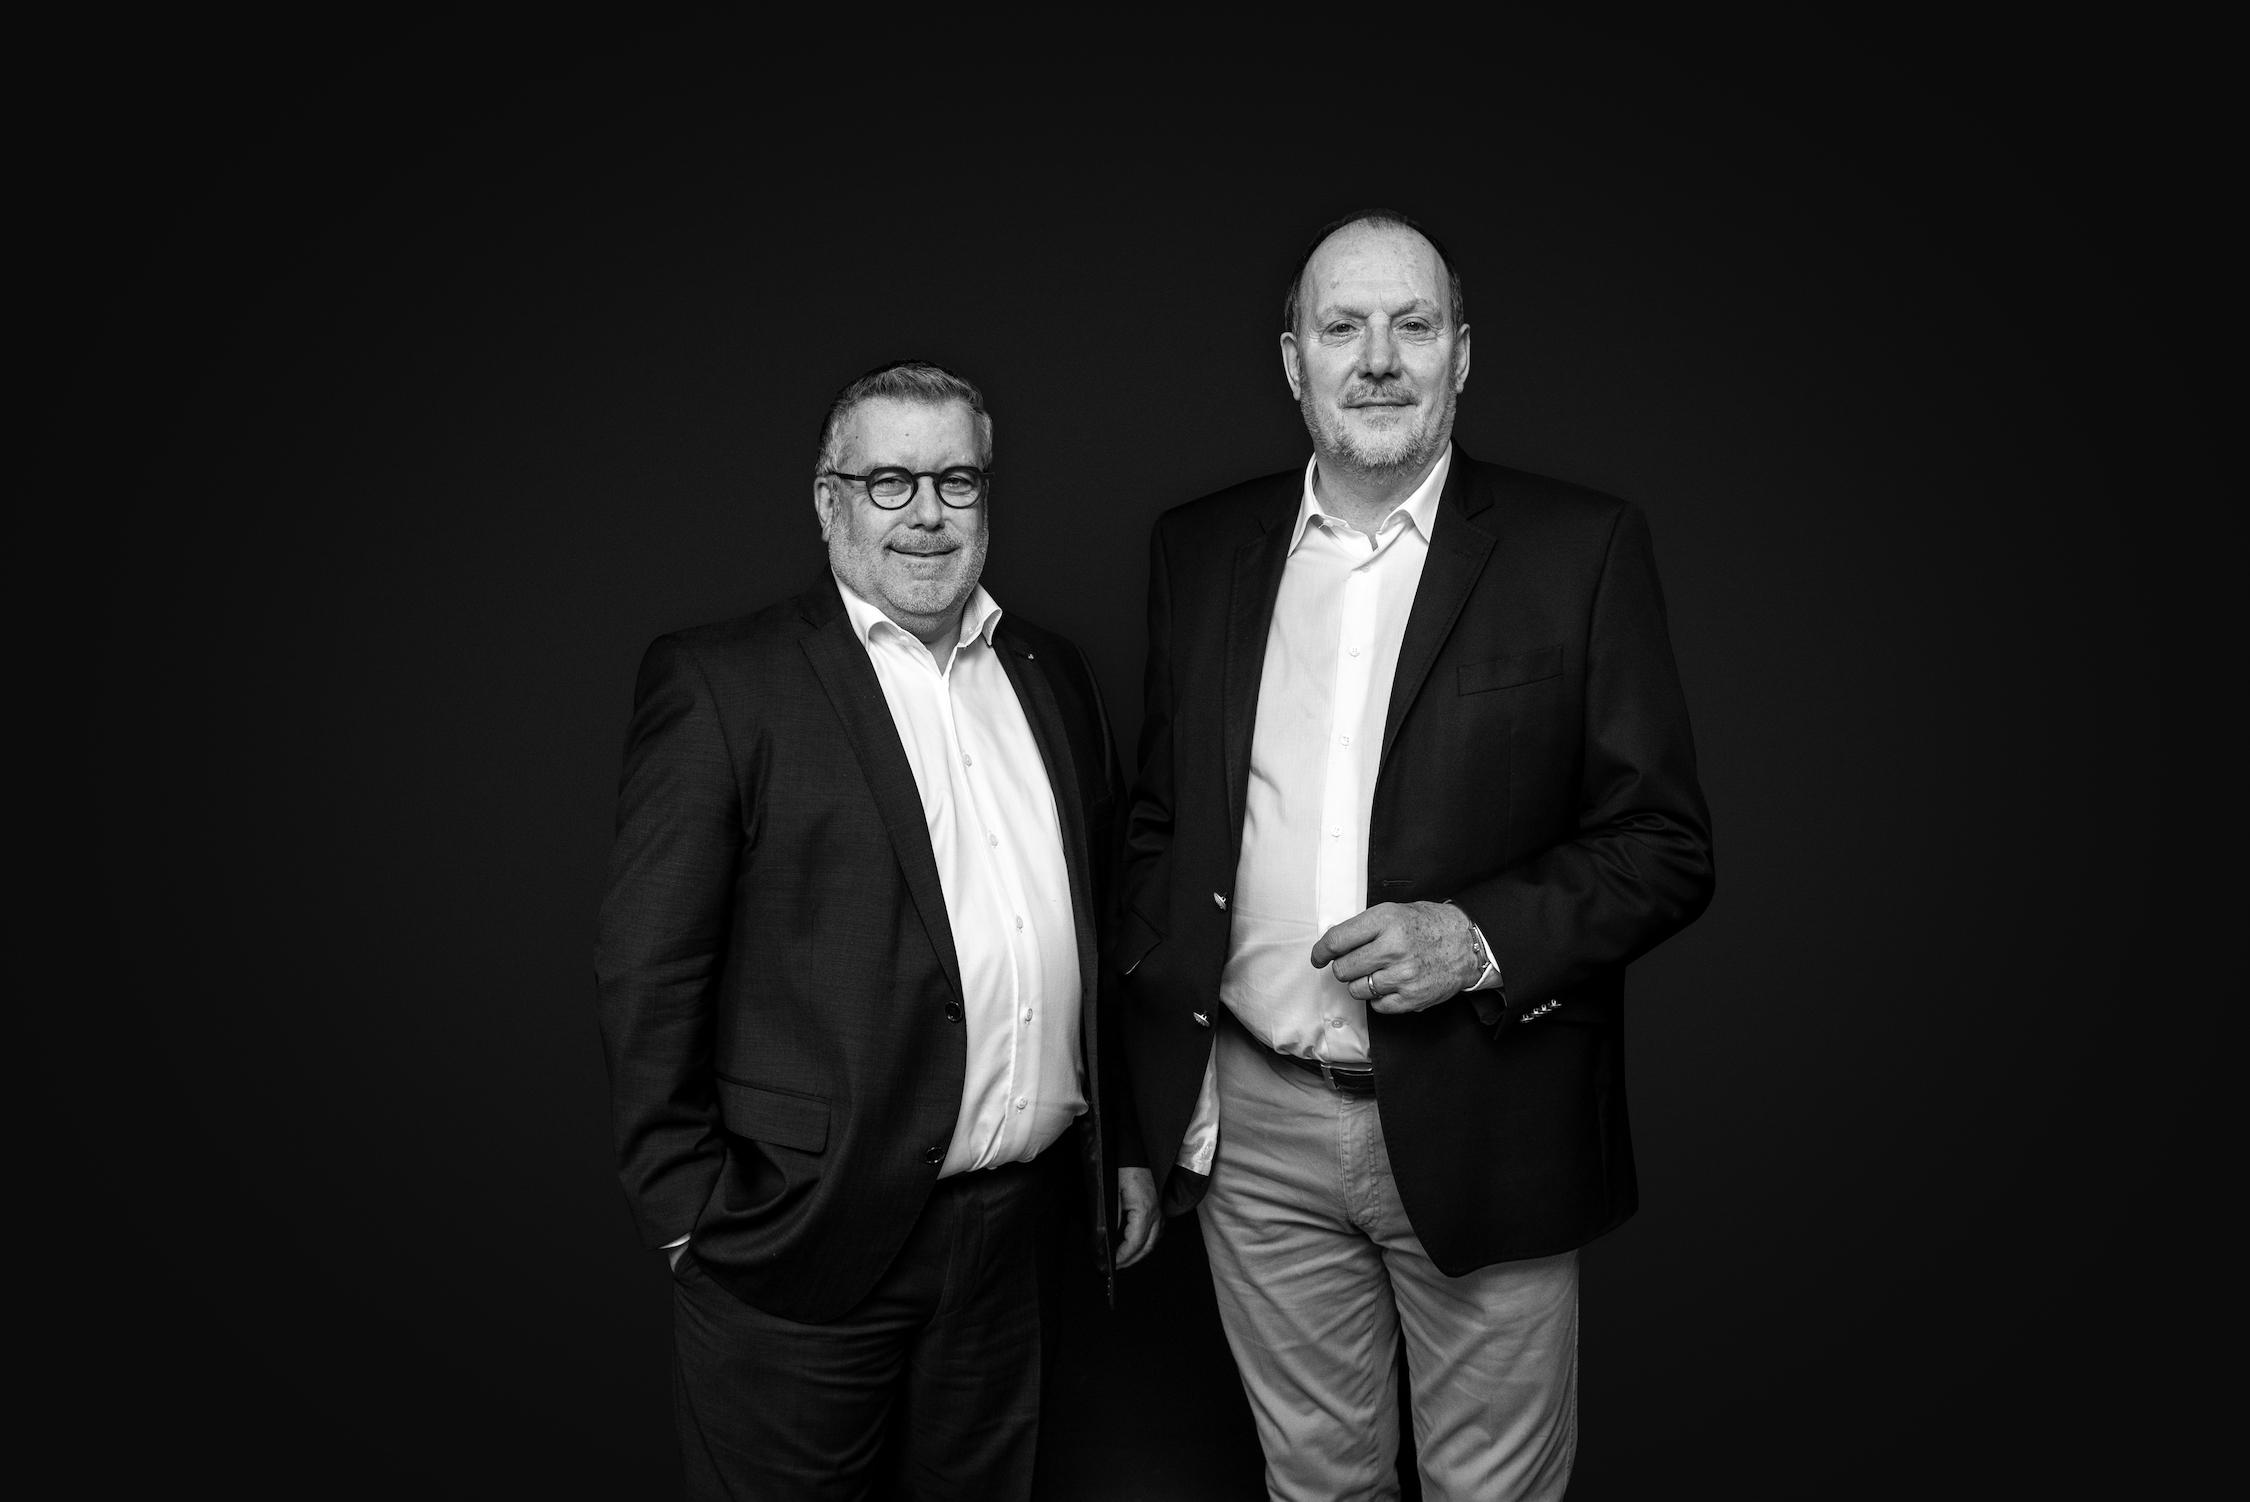 Pierre Henkin et Philippe Jacquemin - Les co-fondateurs